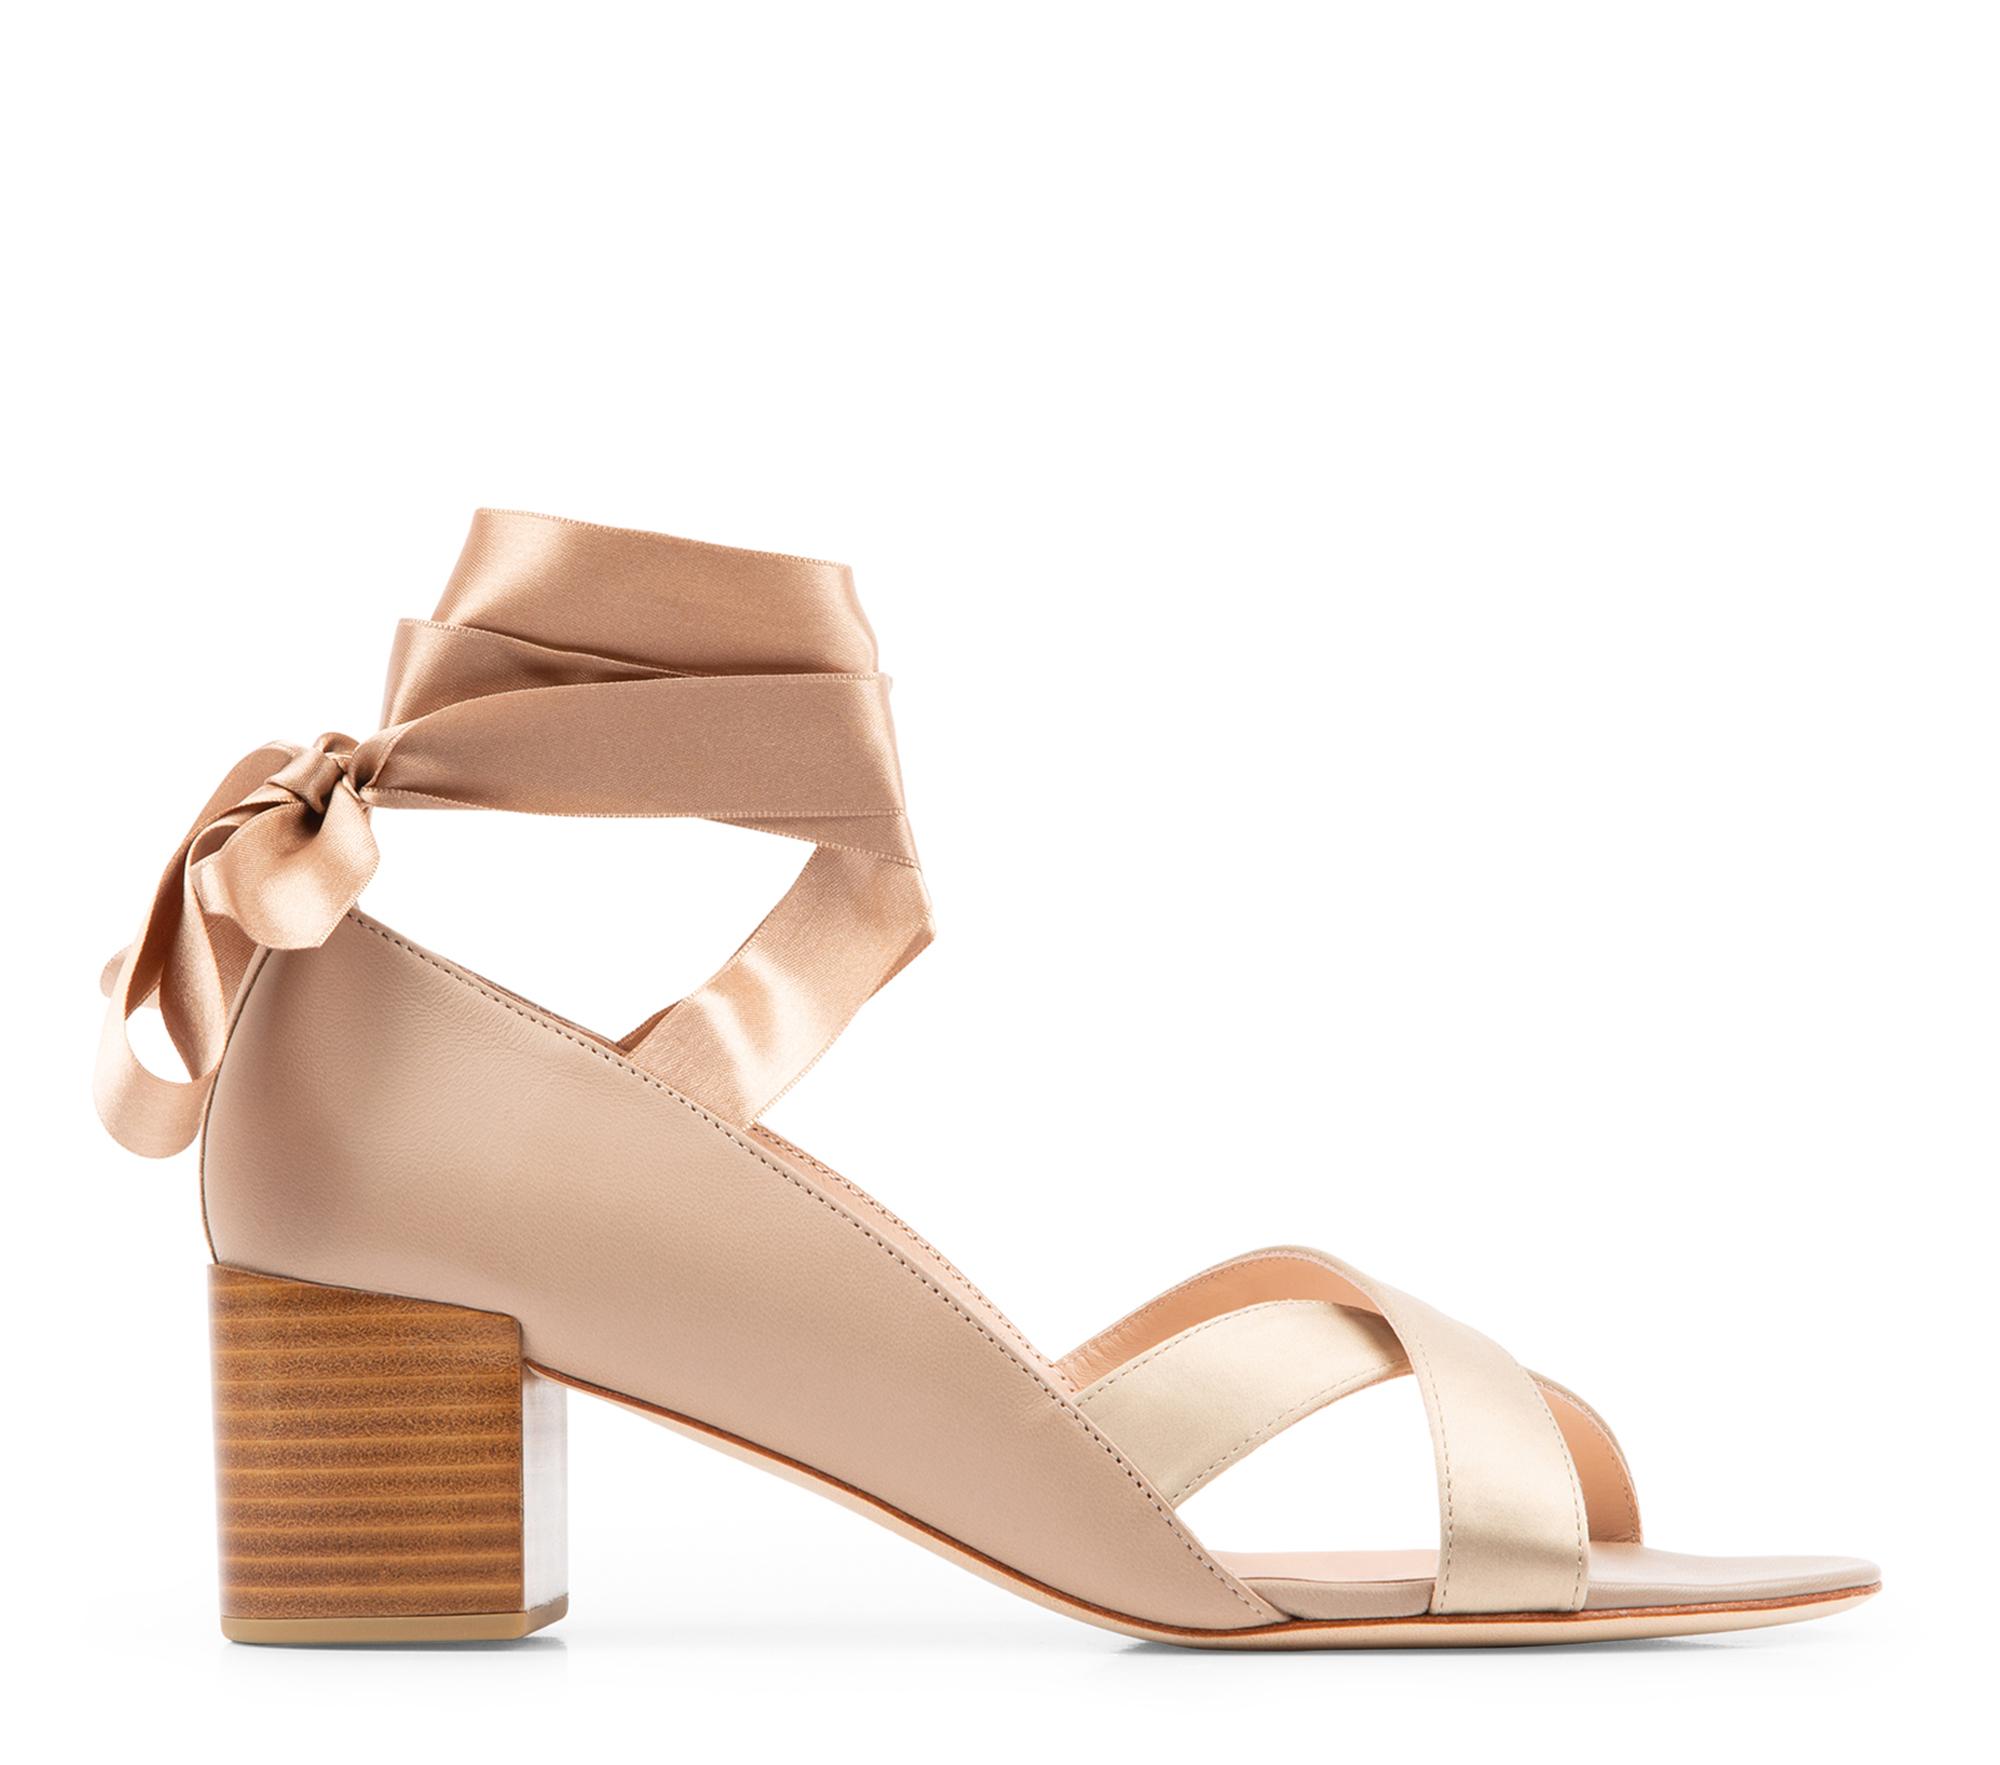 Lois sandals